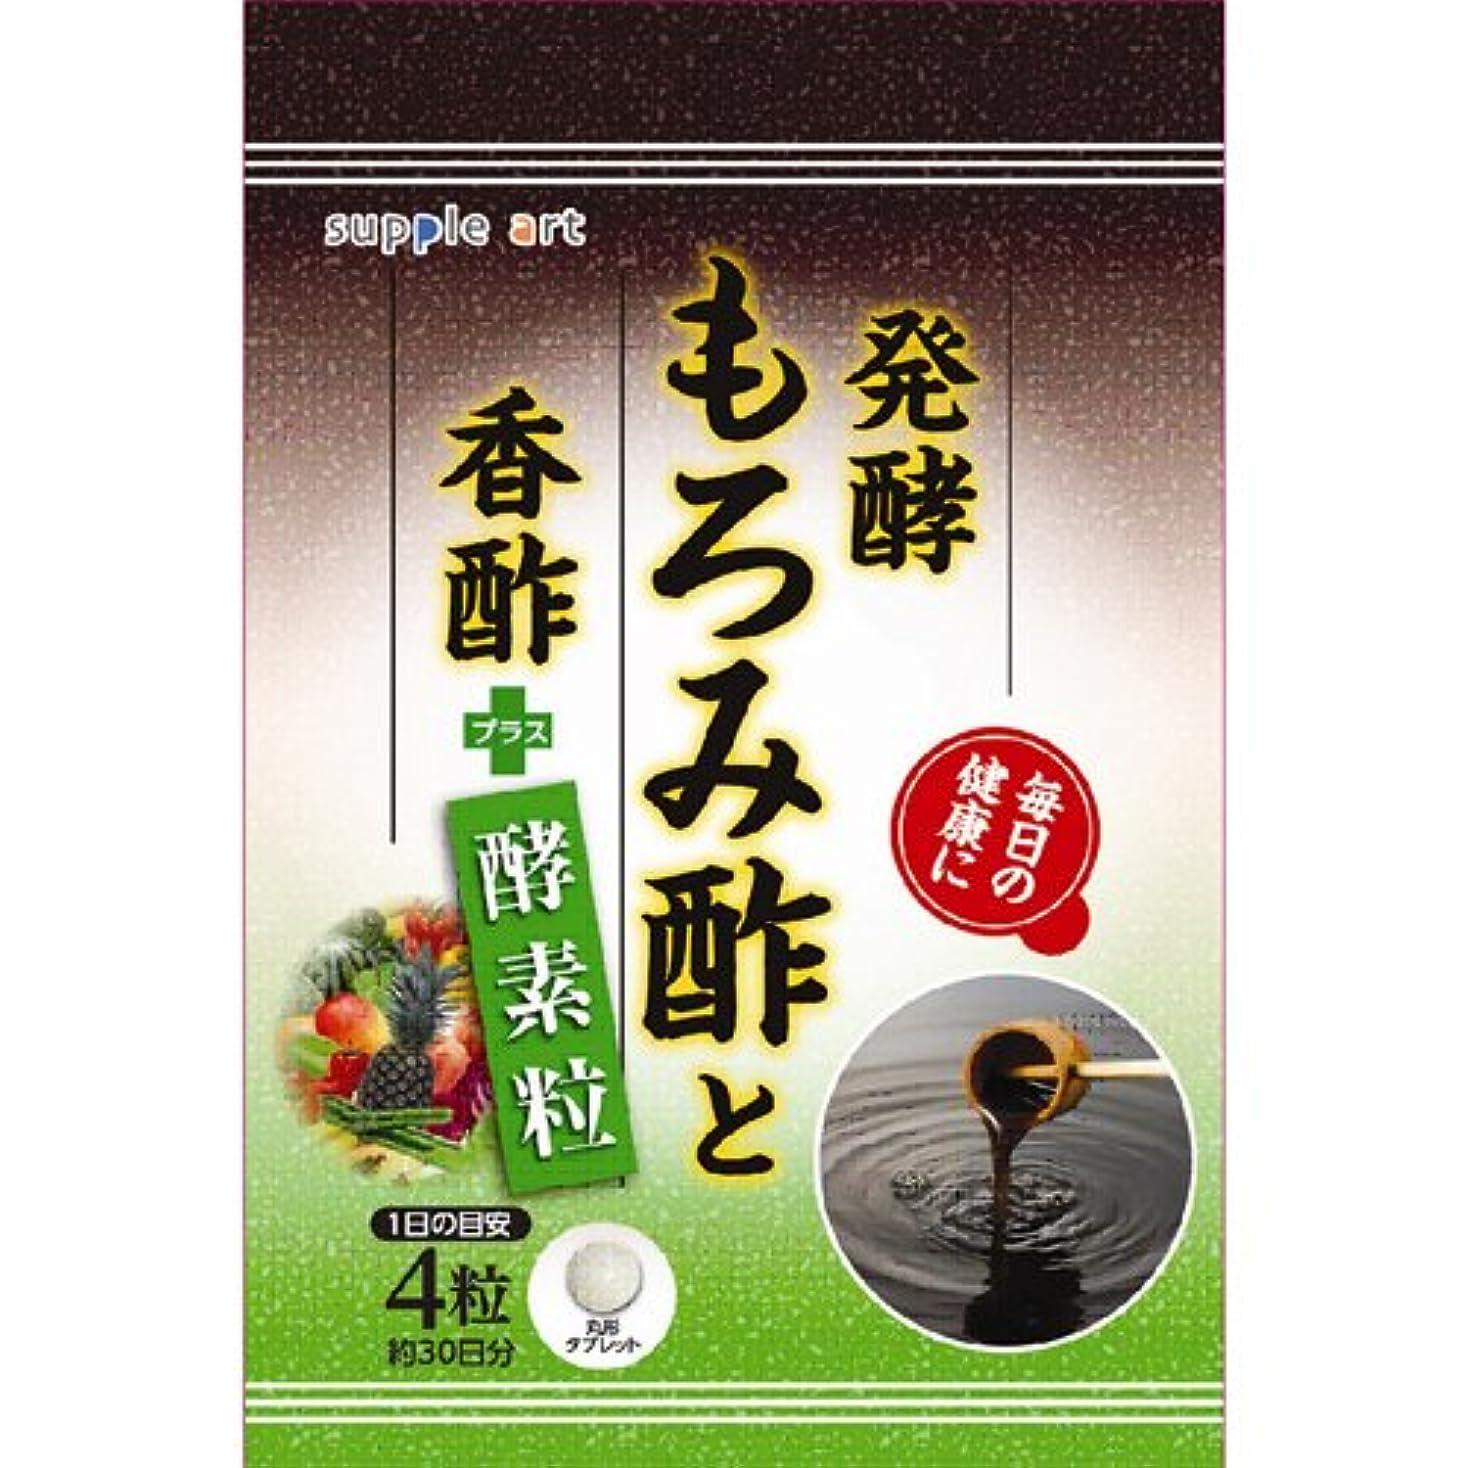 閃光感覚銃サプリアート 発酵もろみ酢と香酢+酵素粒 36g(300mg×120粒)